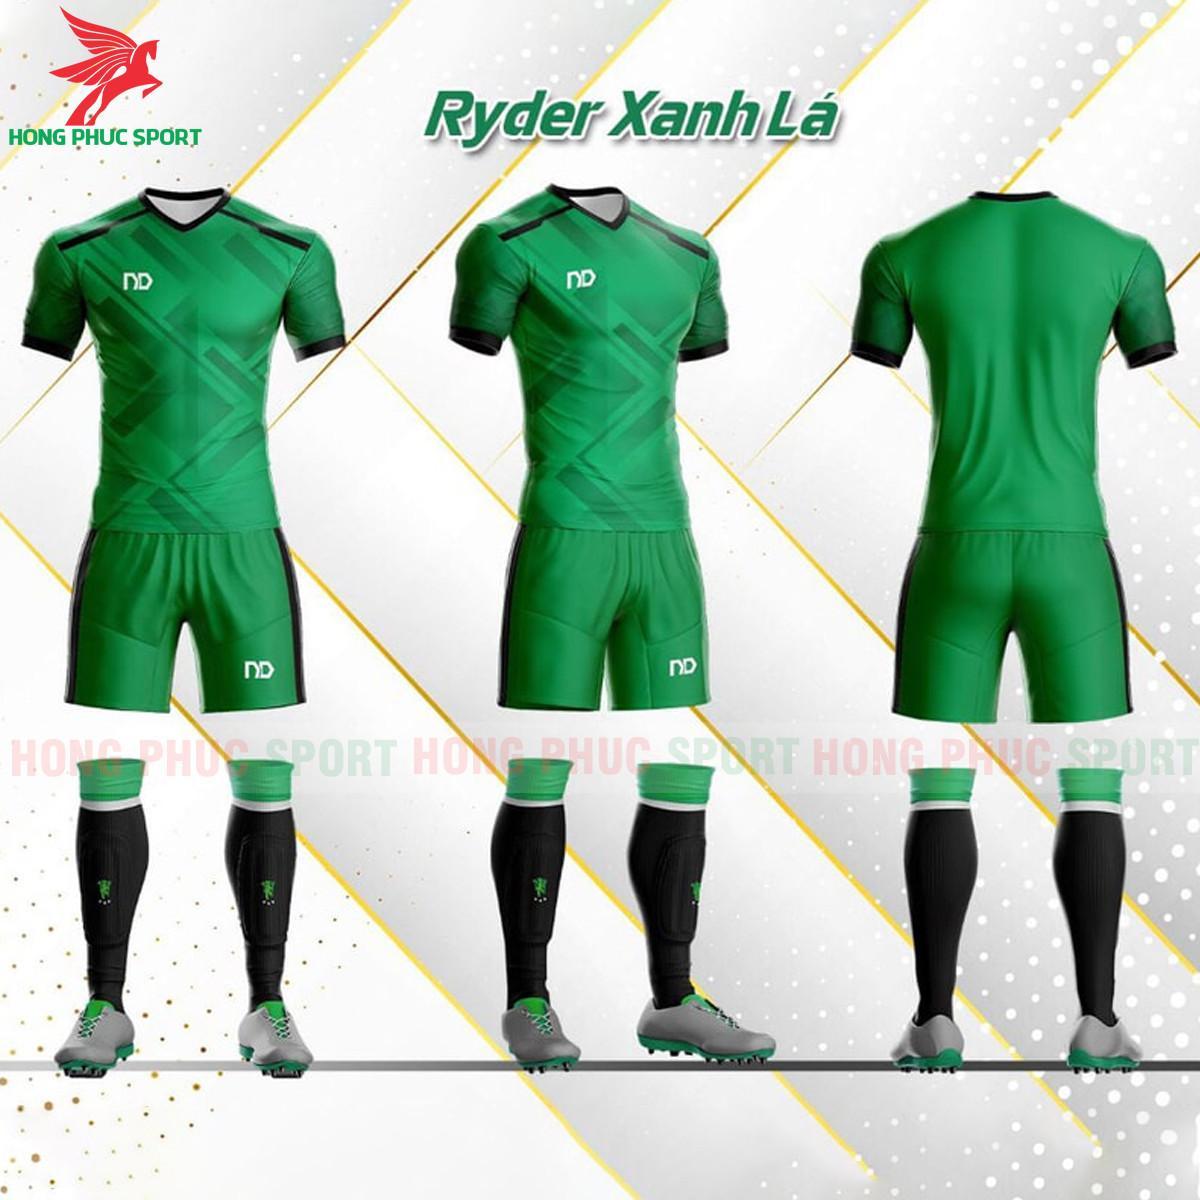 Áo đá banh không logo ND Ryder2021 màu xanh lá